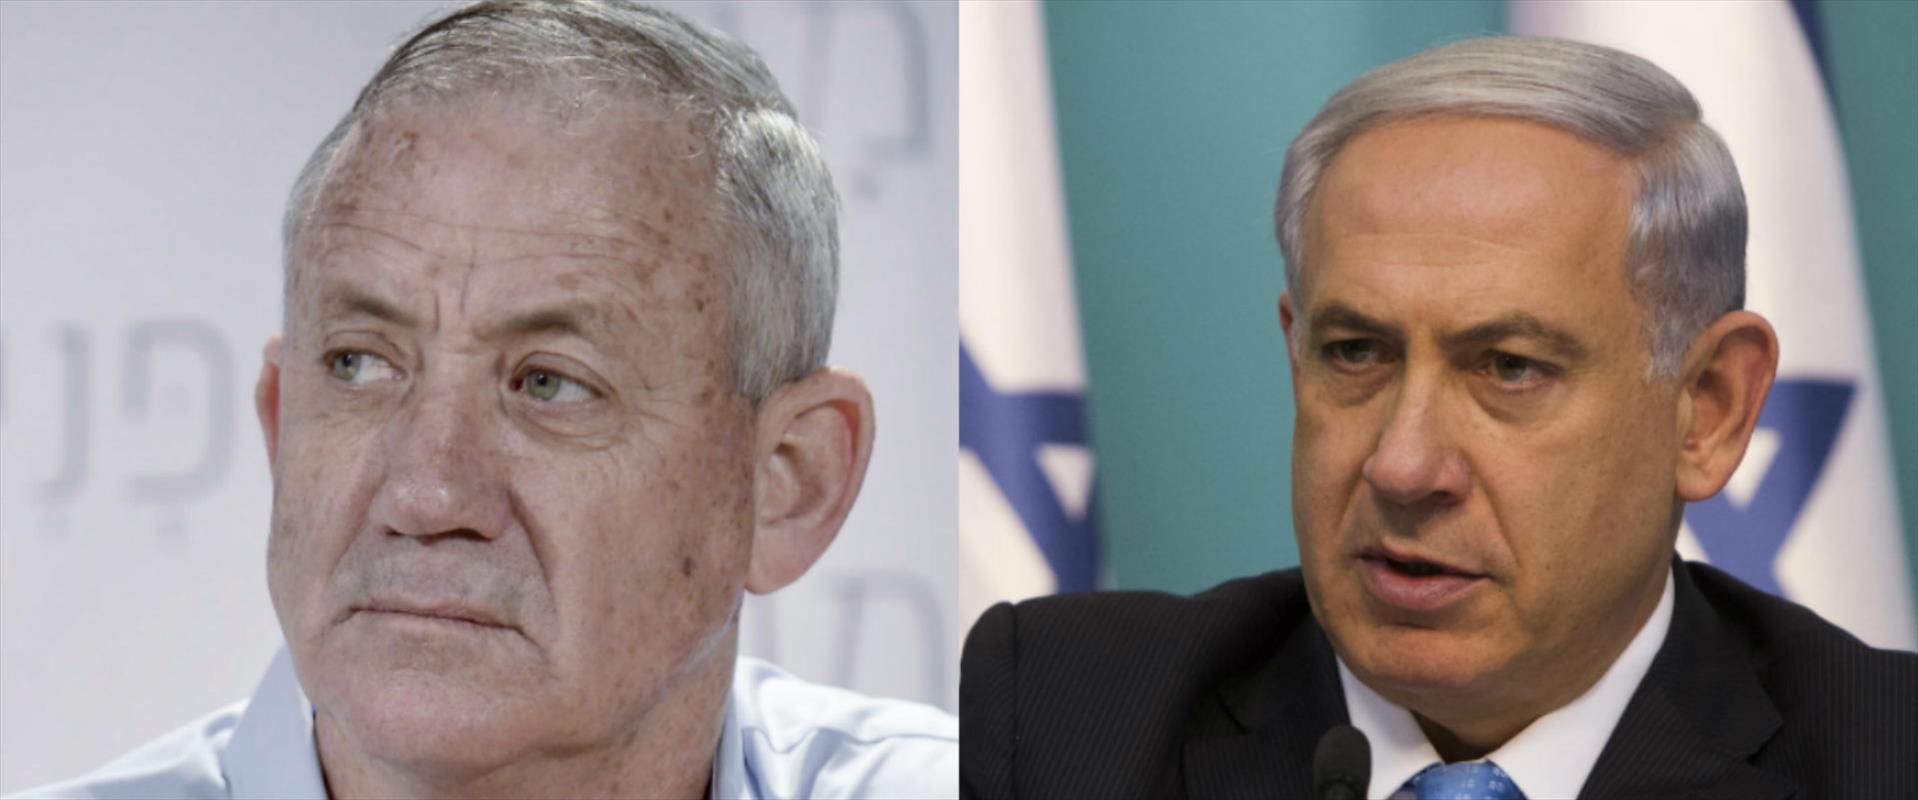 Gantz Netanyahu 2